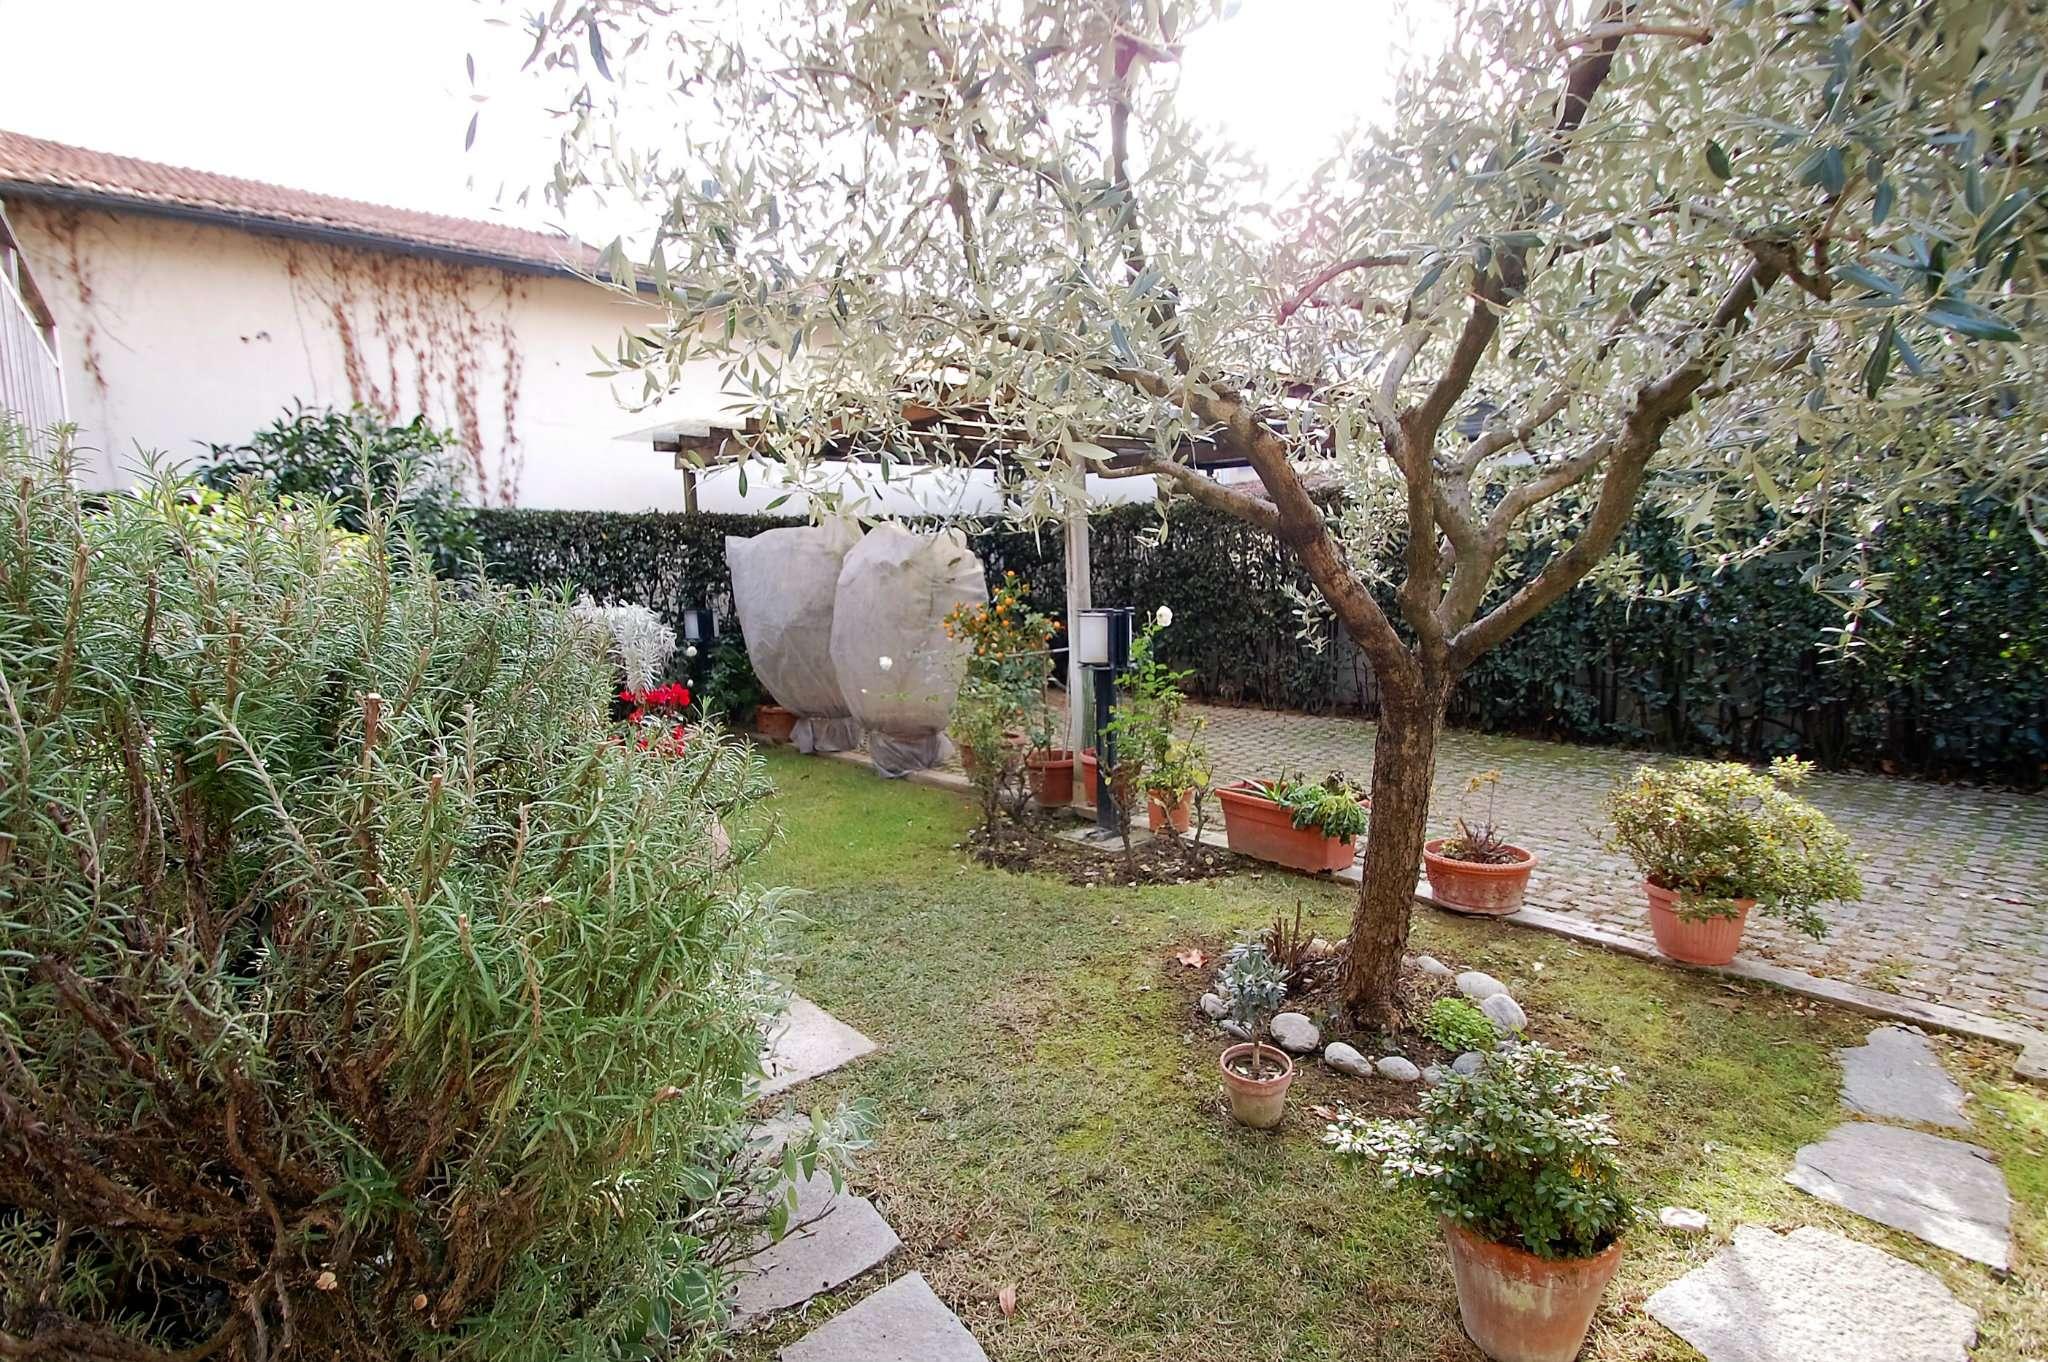 Palazzo / Stabile in vendita a Prato, 5 locali, prezzo € 350.000 | Cambio Casa.it